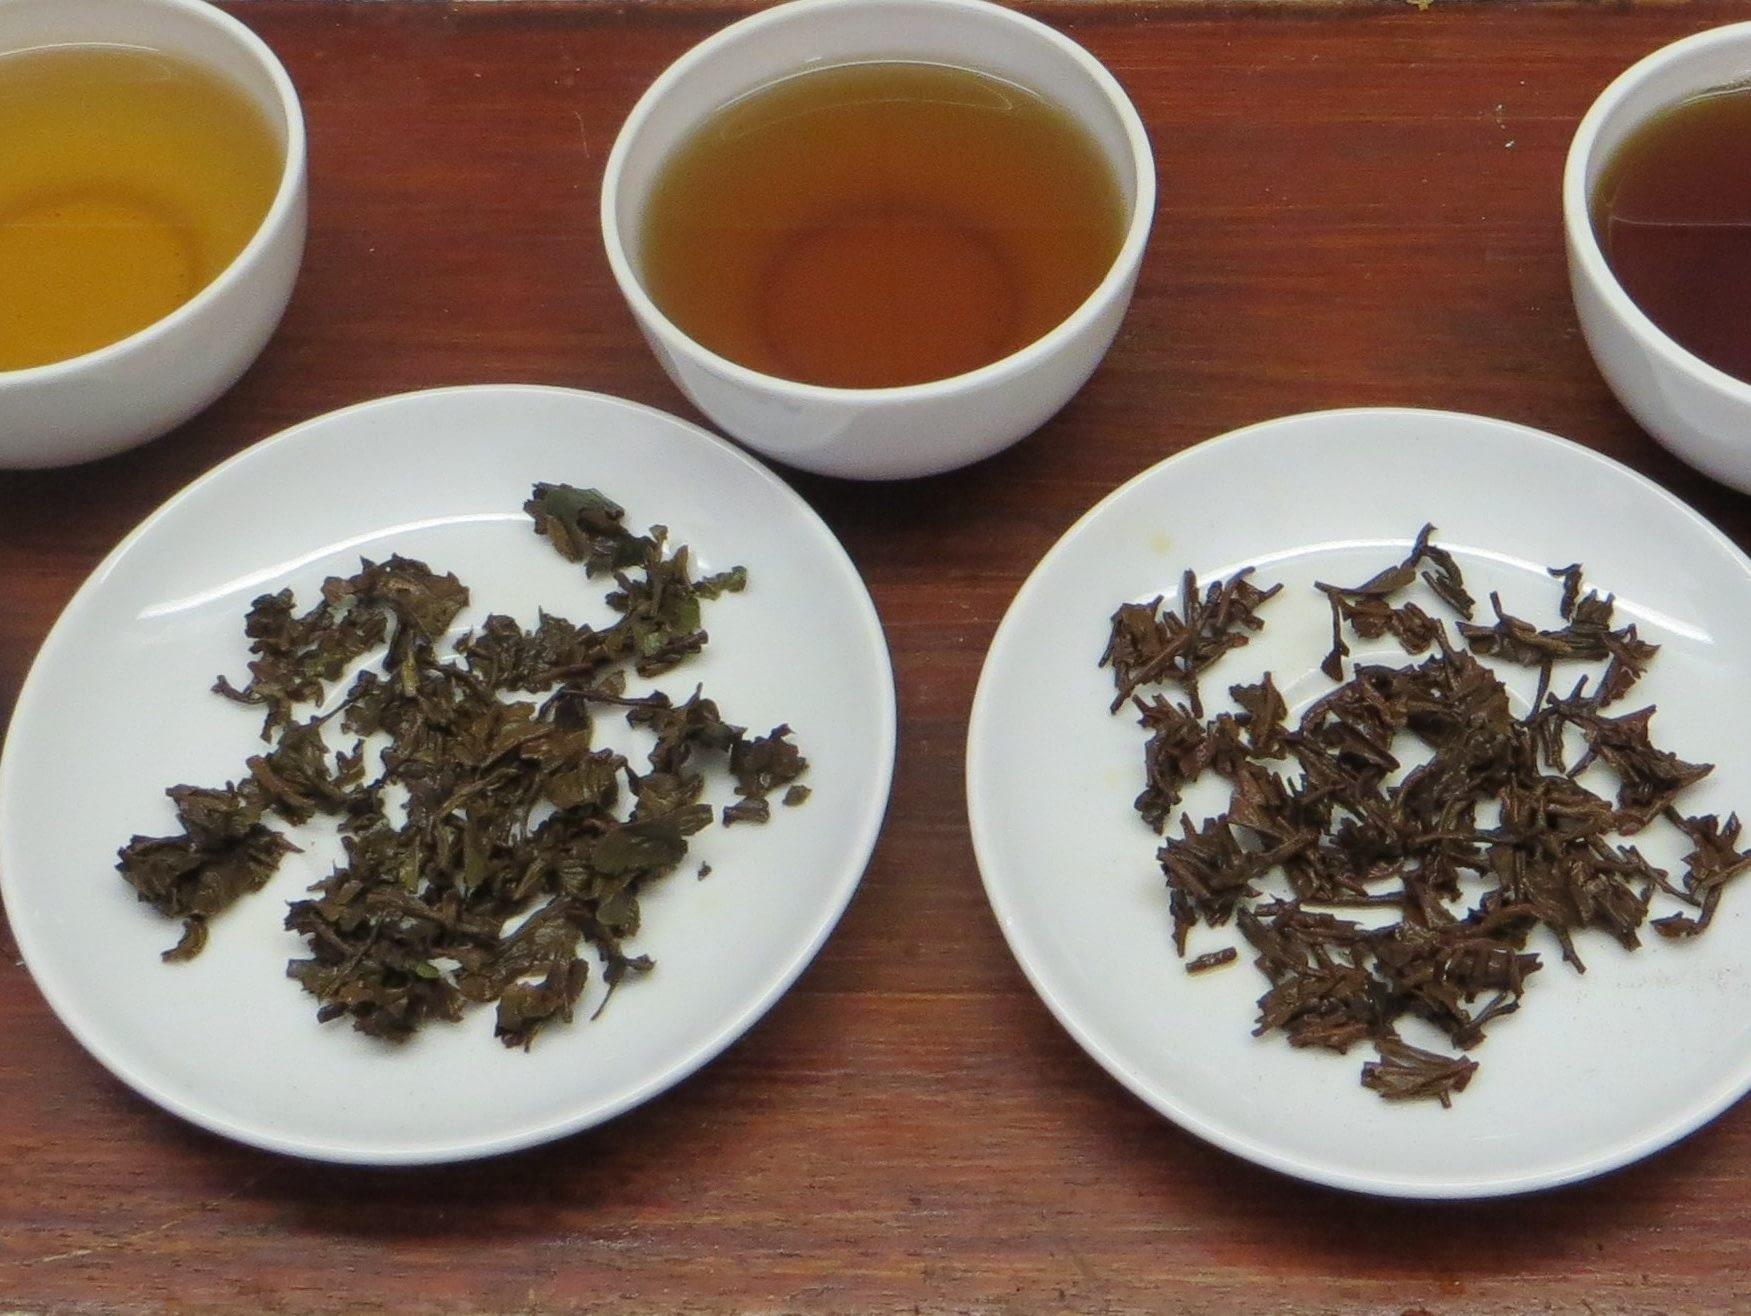 tea leaves and liquor